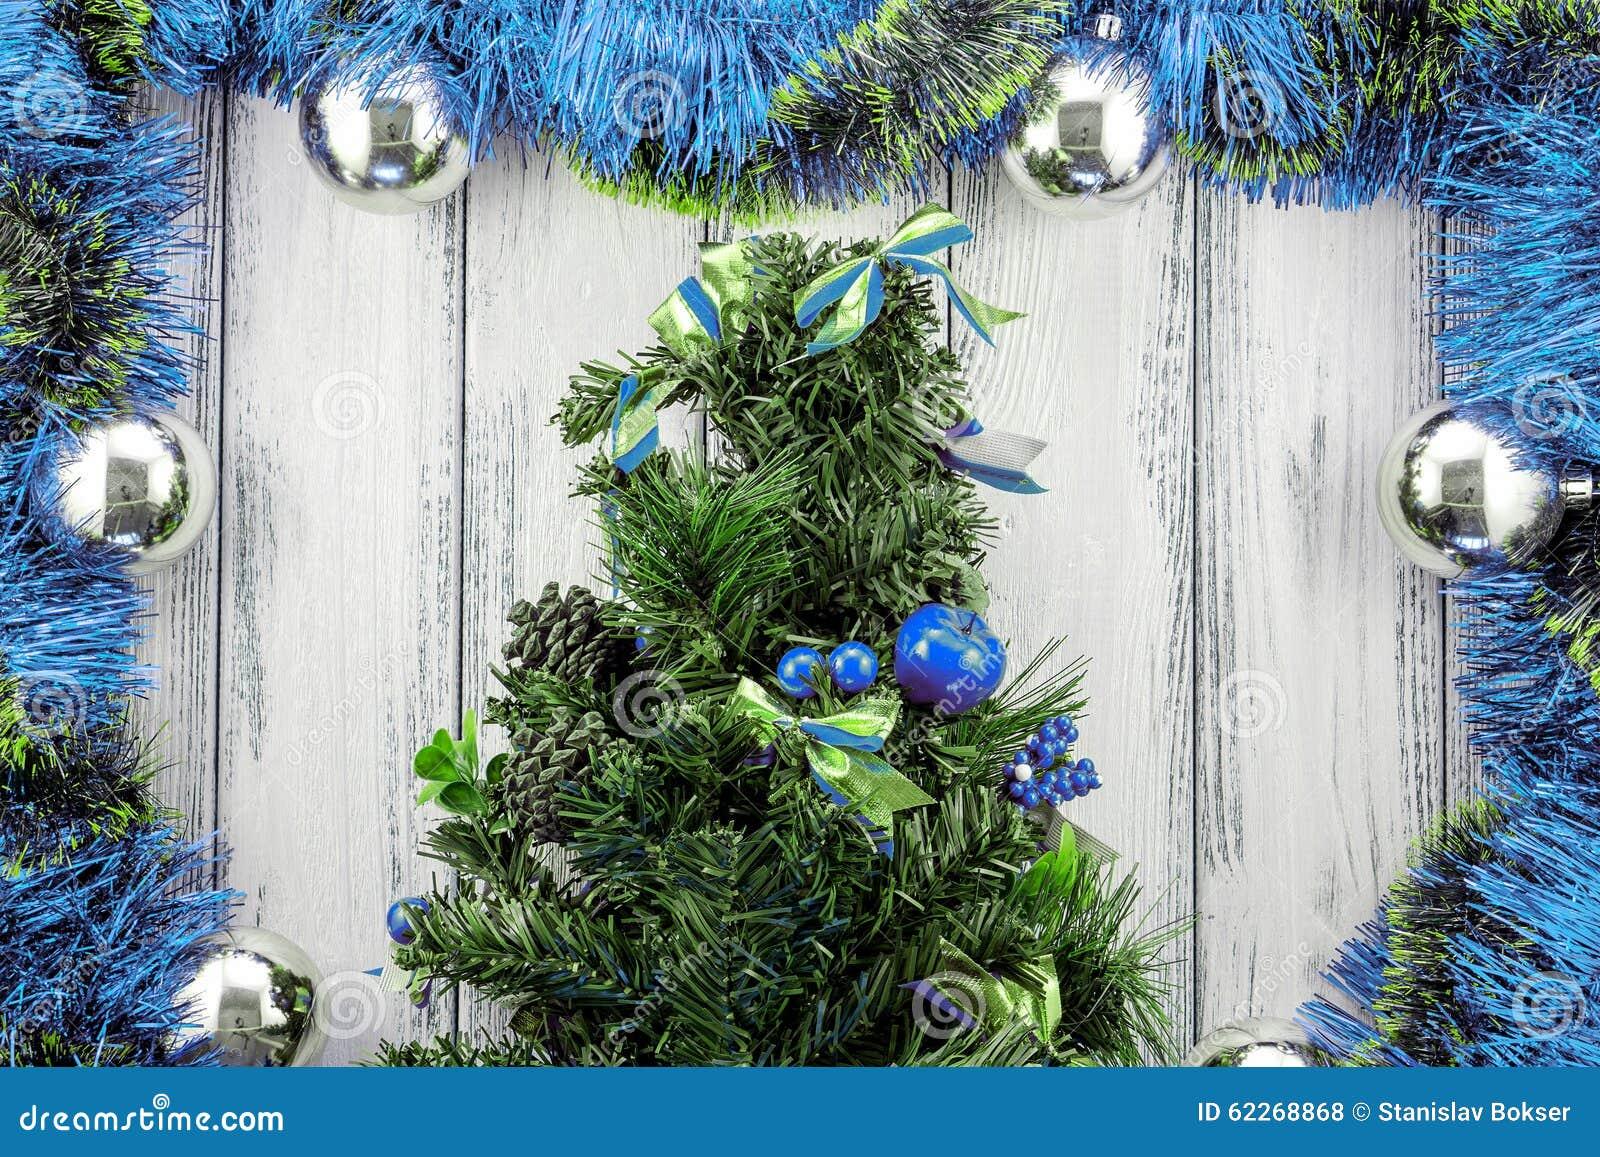 Albero Di Natale Con Decorazioni Blu : Albero di natale di tema del nuovo anno con la decorazione blu e